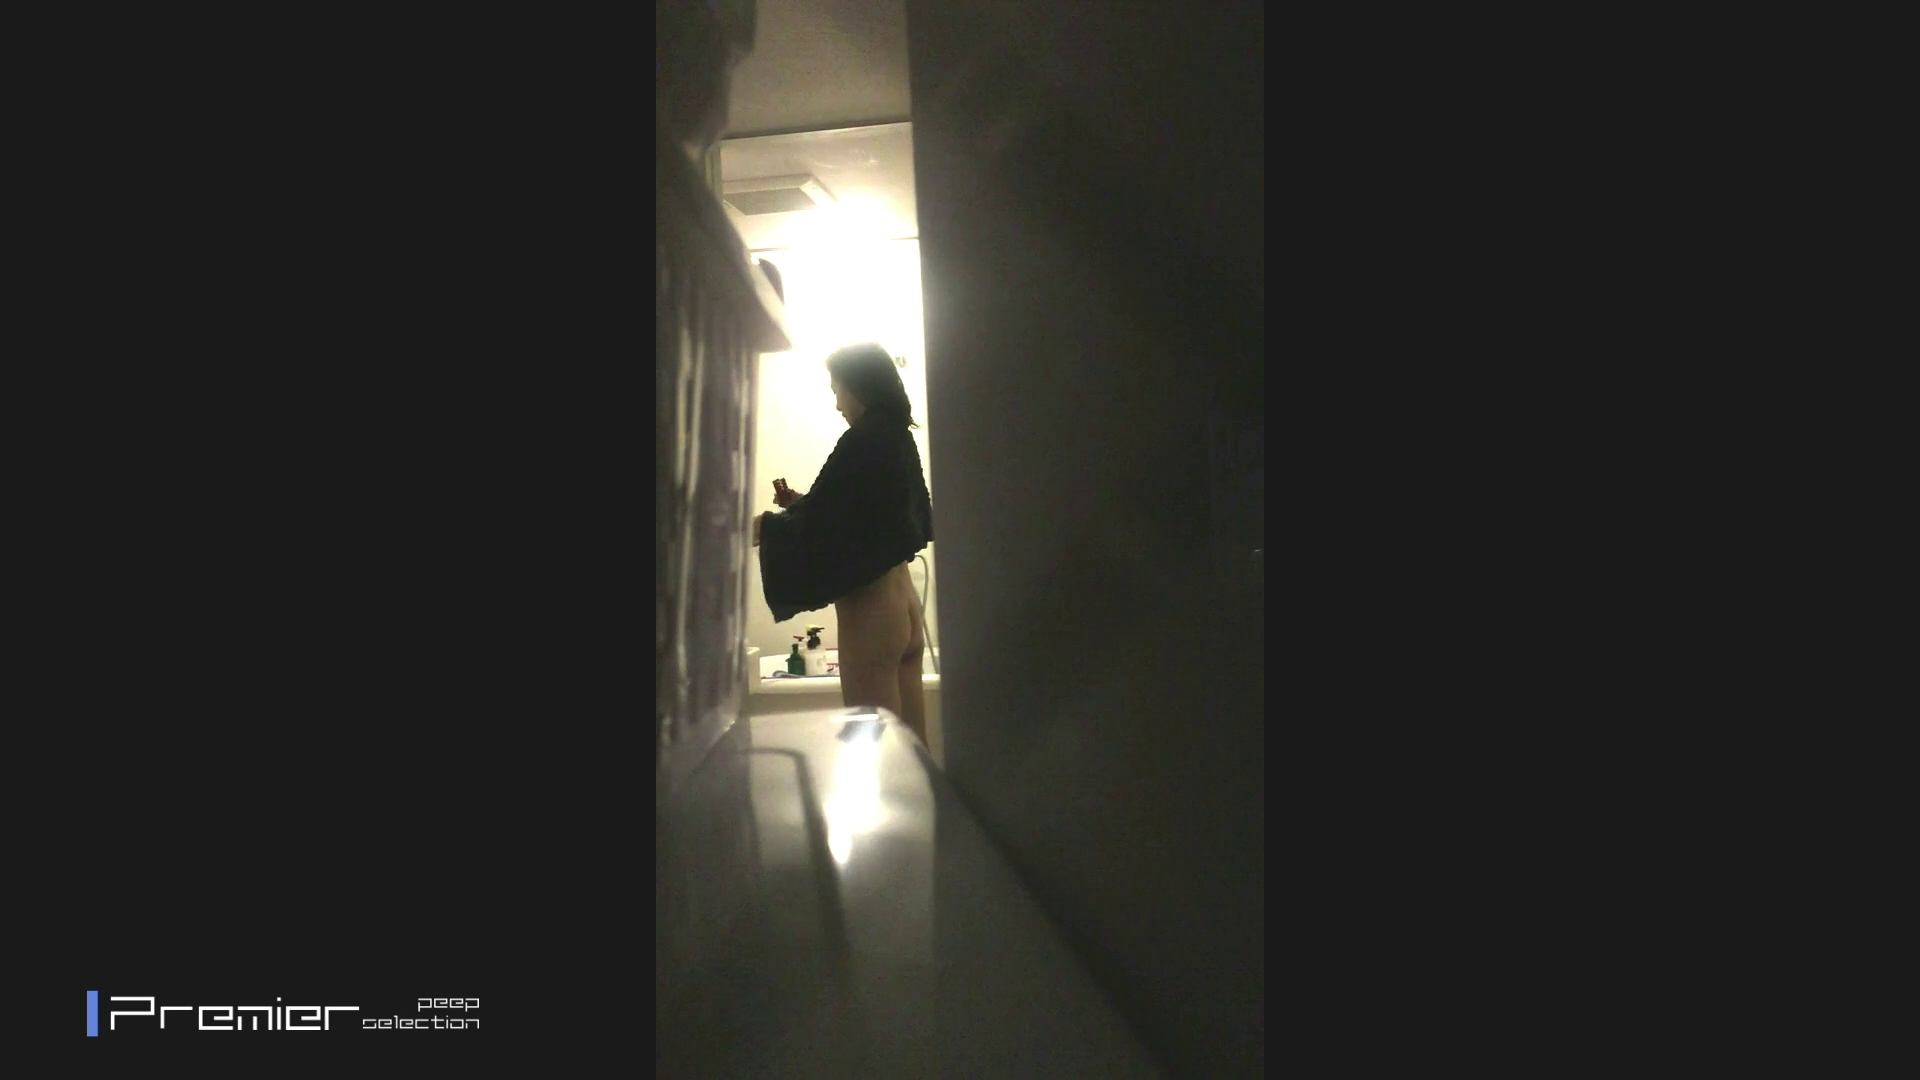 未公開★現役モデルのシャワー  美女達の私生活に潜入! 民家 おめこ無修正画像 94枚 85